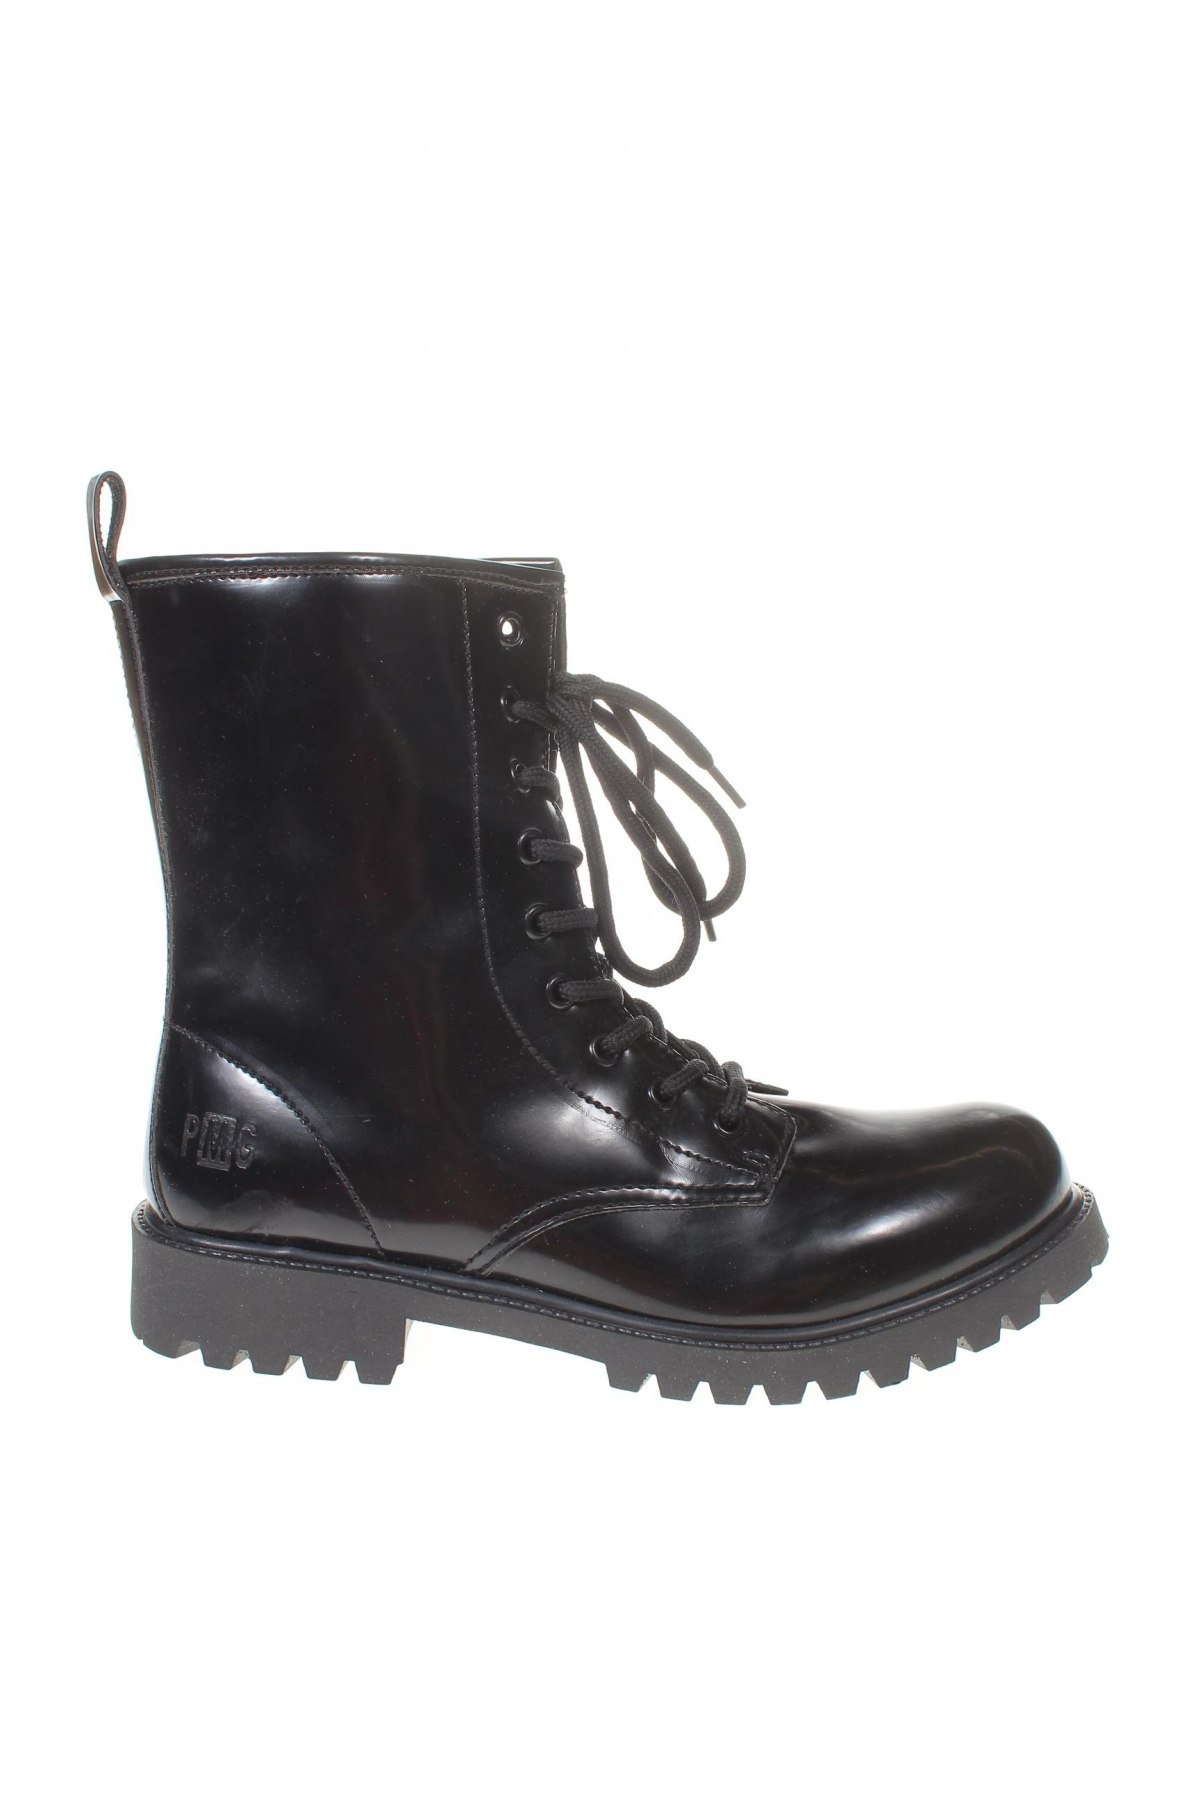 Παιδικά παπούτσια Primigi, Μέγεθος 38, Χρώμα Μαύρο, Δερματίνη, Τιμή 34,41€